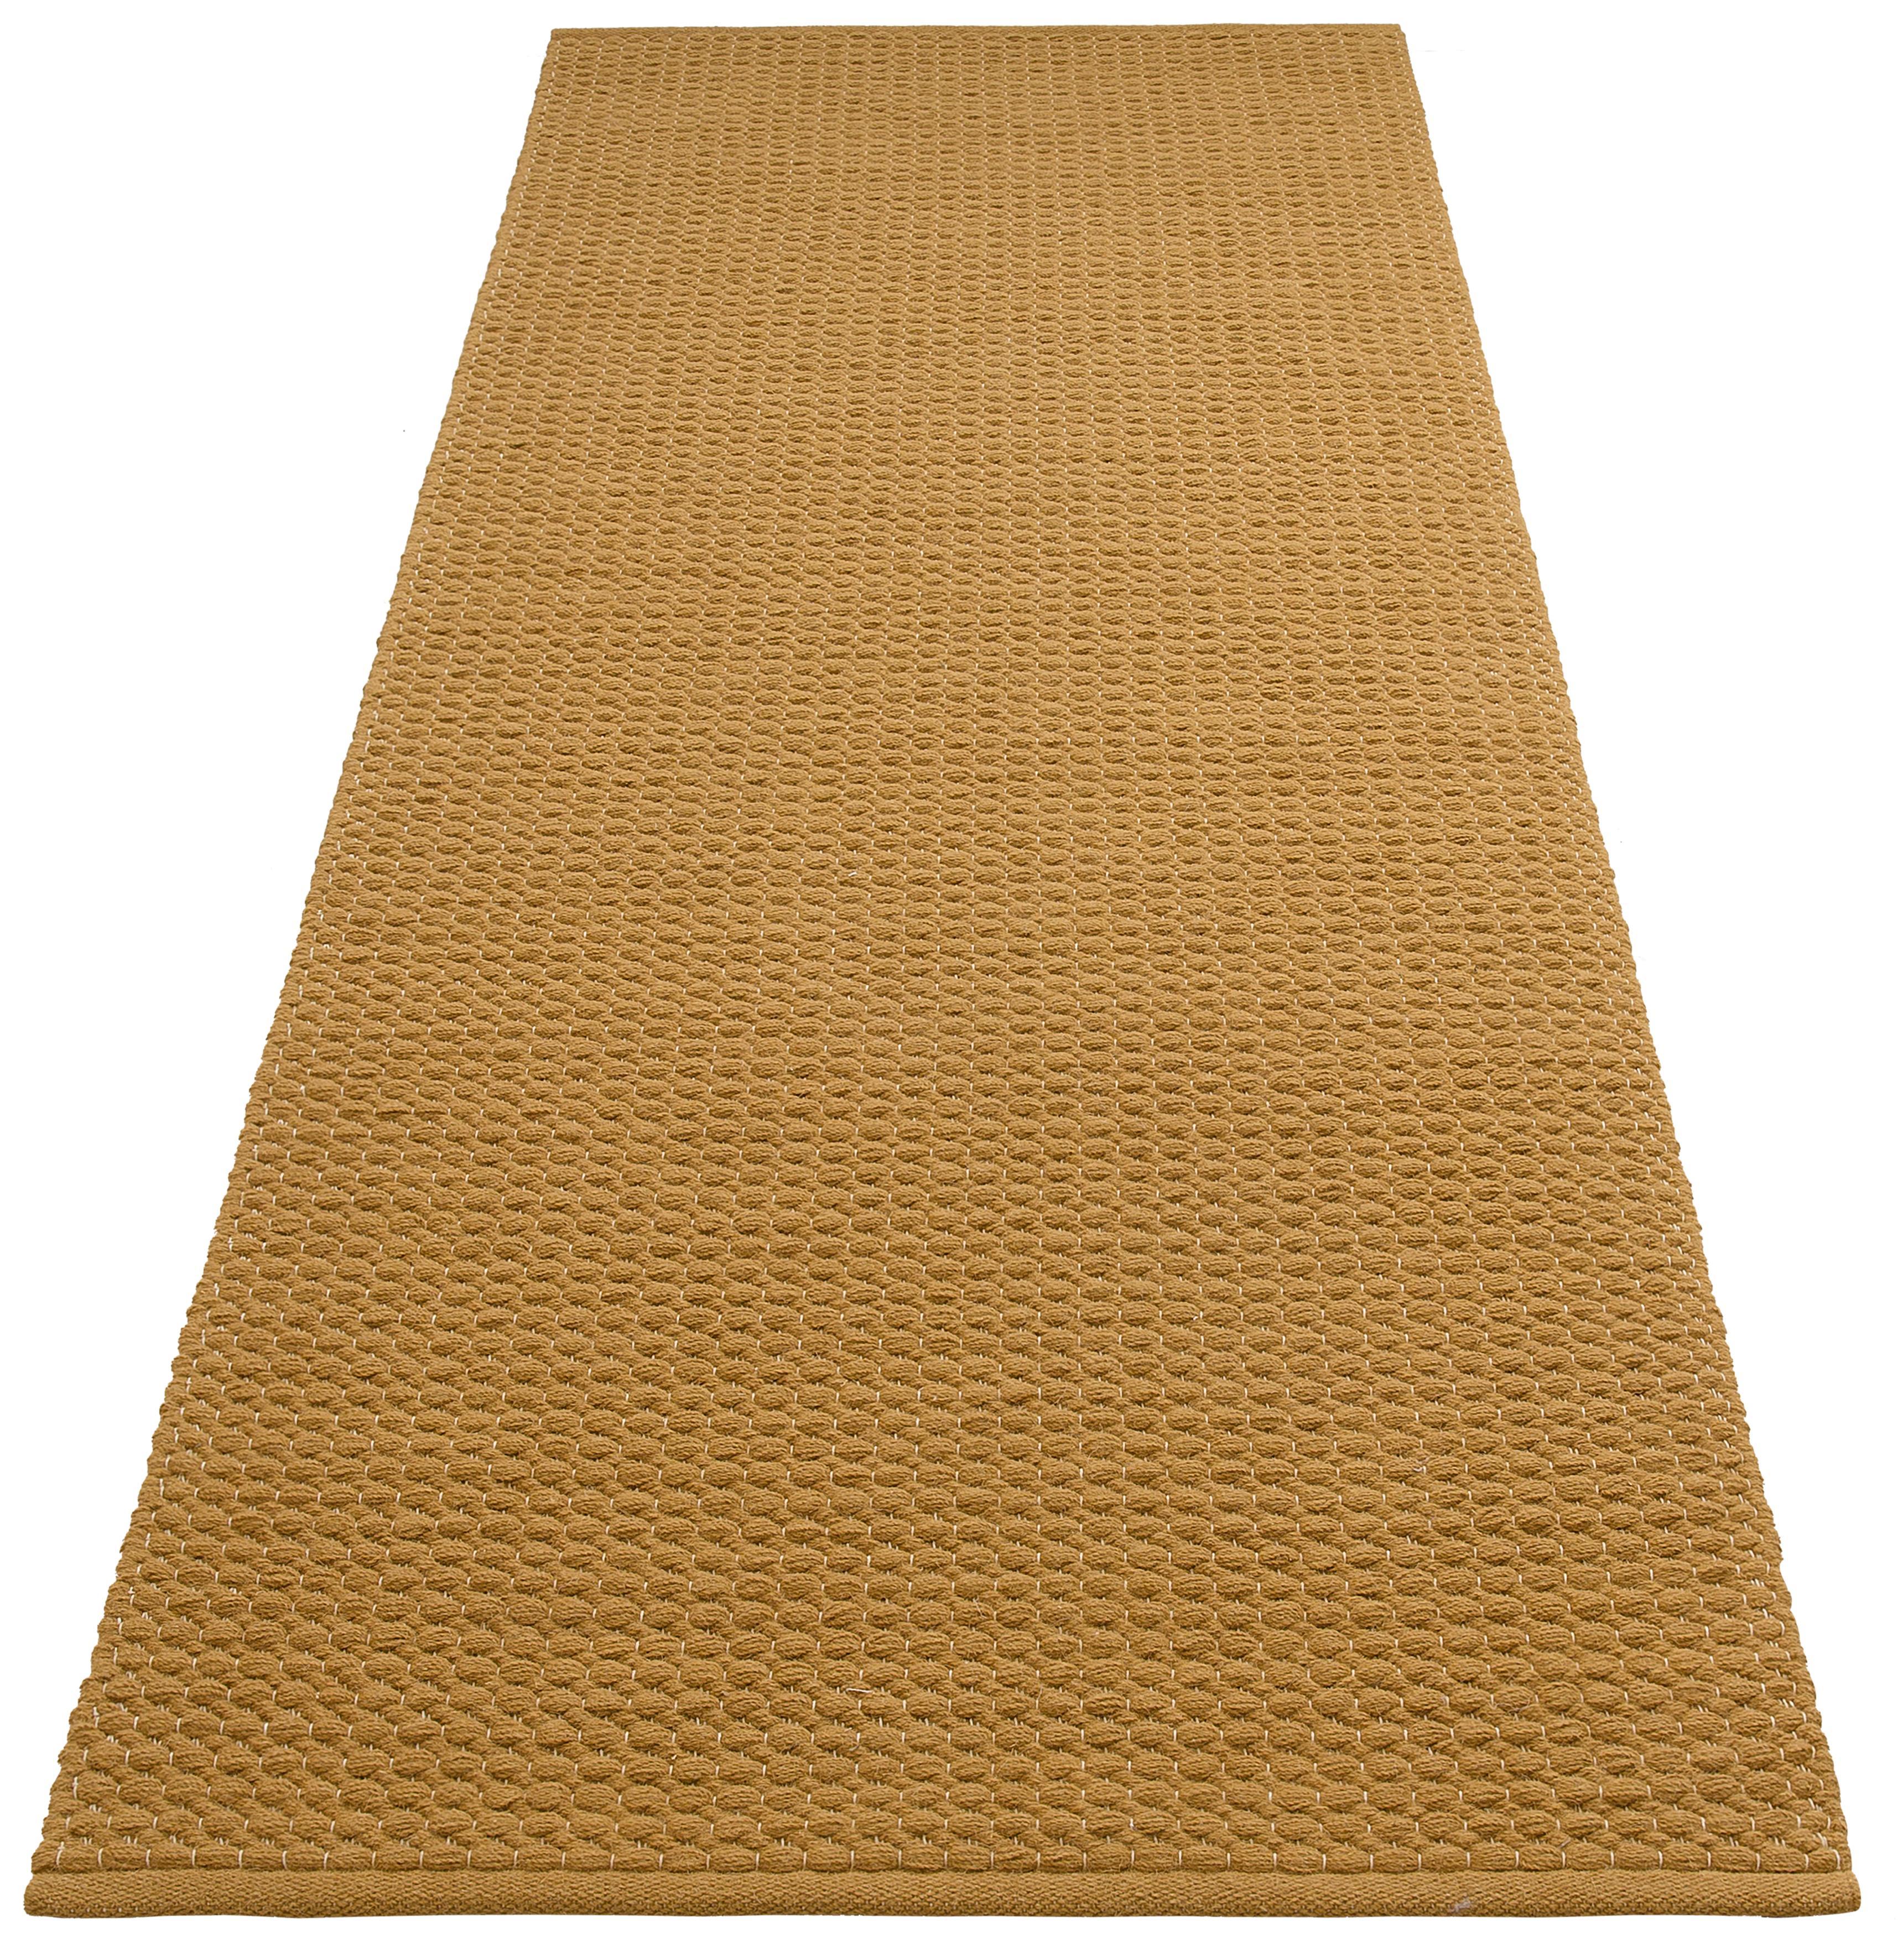 DELAVITA Läufer Sanara, rechteckig, 13 mm Höhe, Strick-Optik gelb Teppichläufer Teppiche und Diele Flur